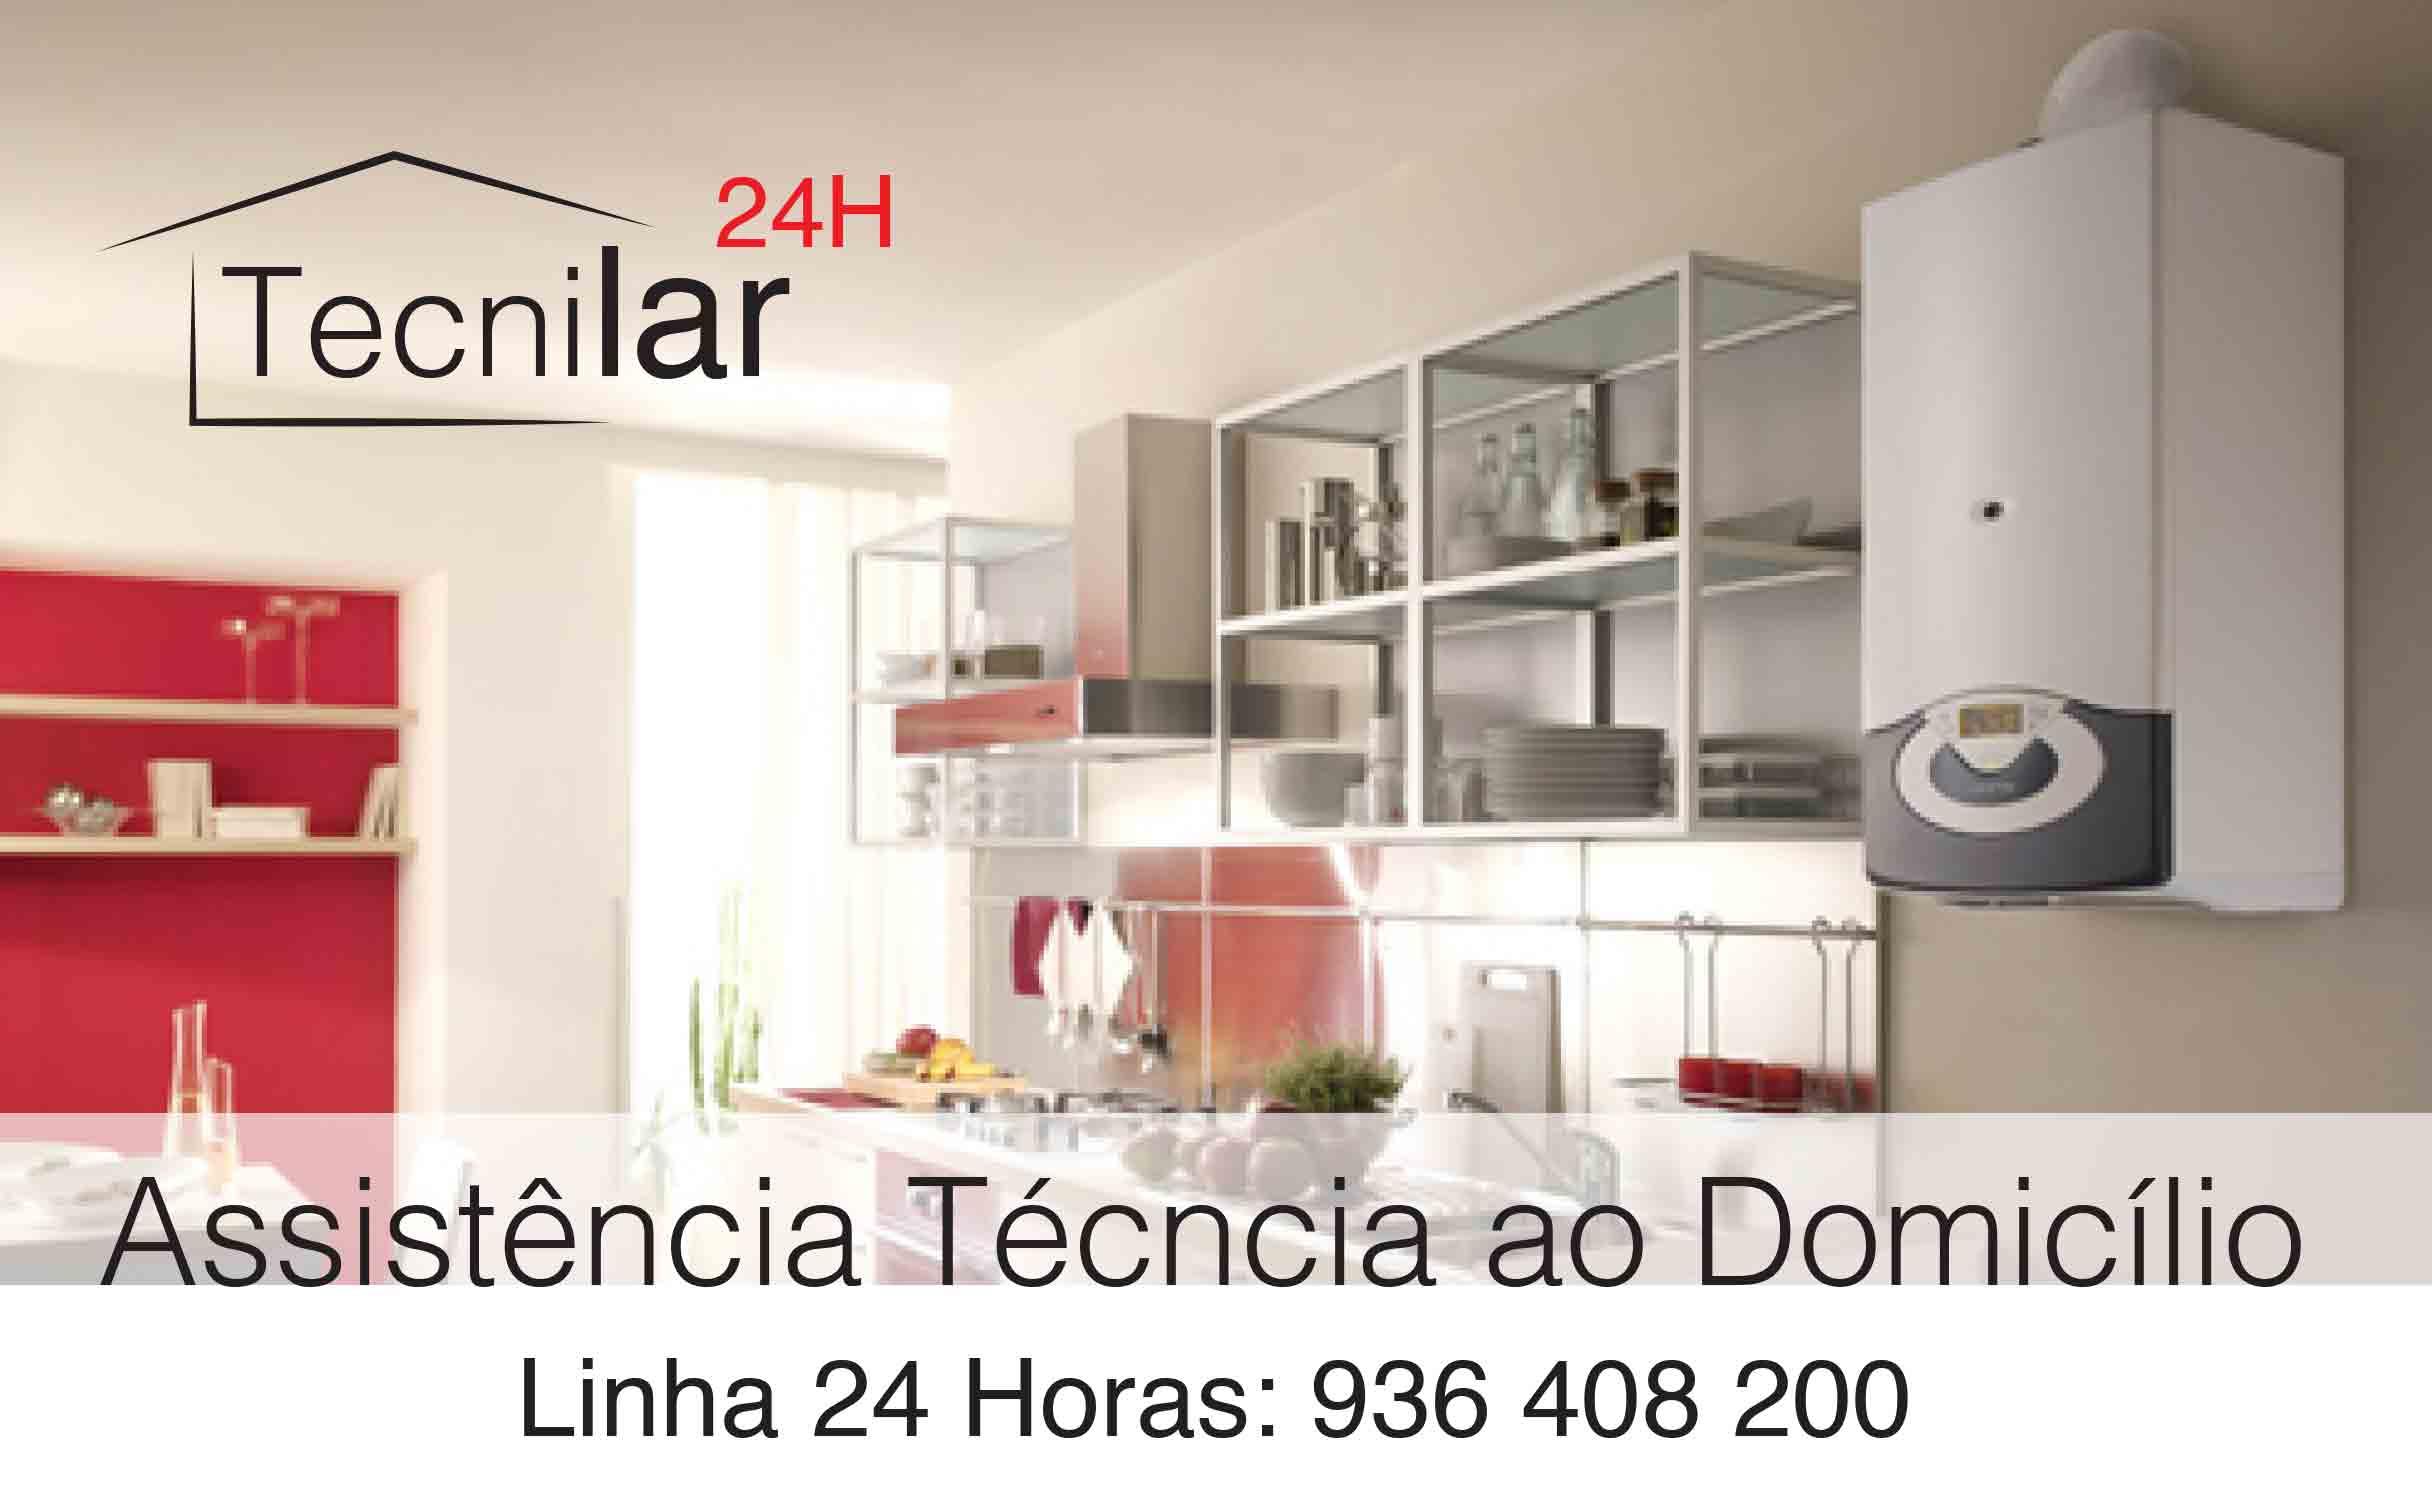 Assistência Caldeiras São Cristóvão – Guimarães Reparar & Manutenção,  24H,